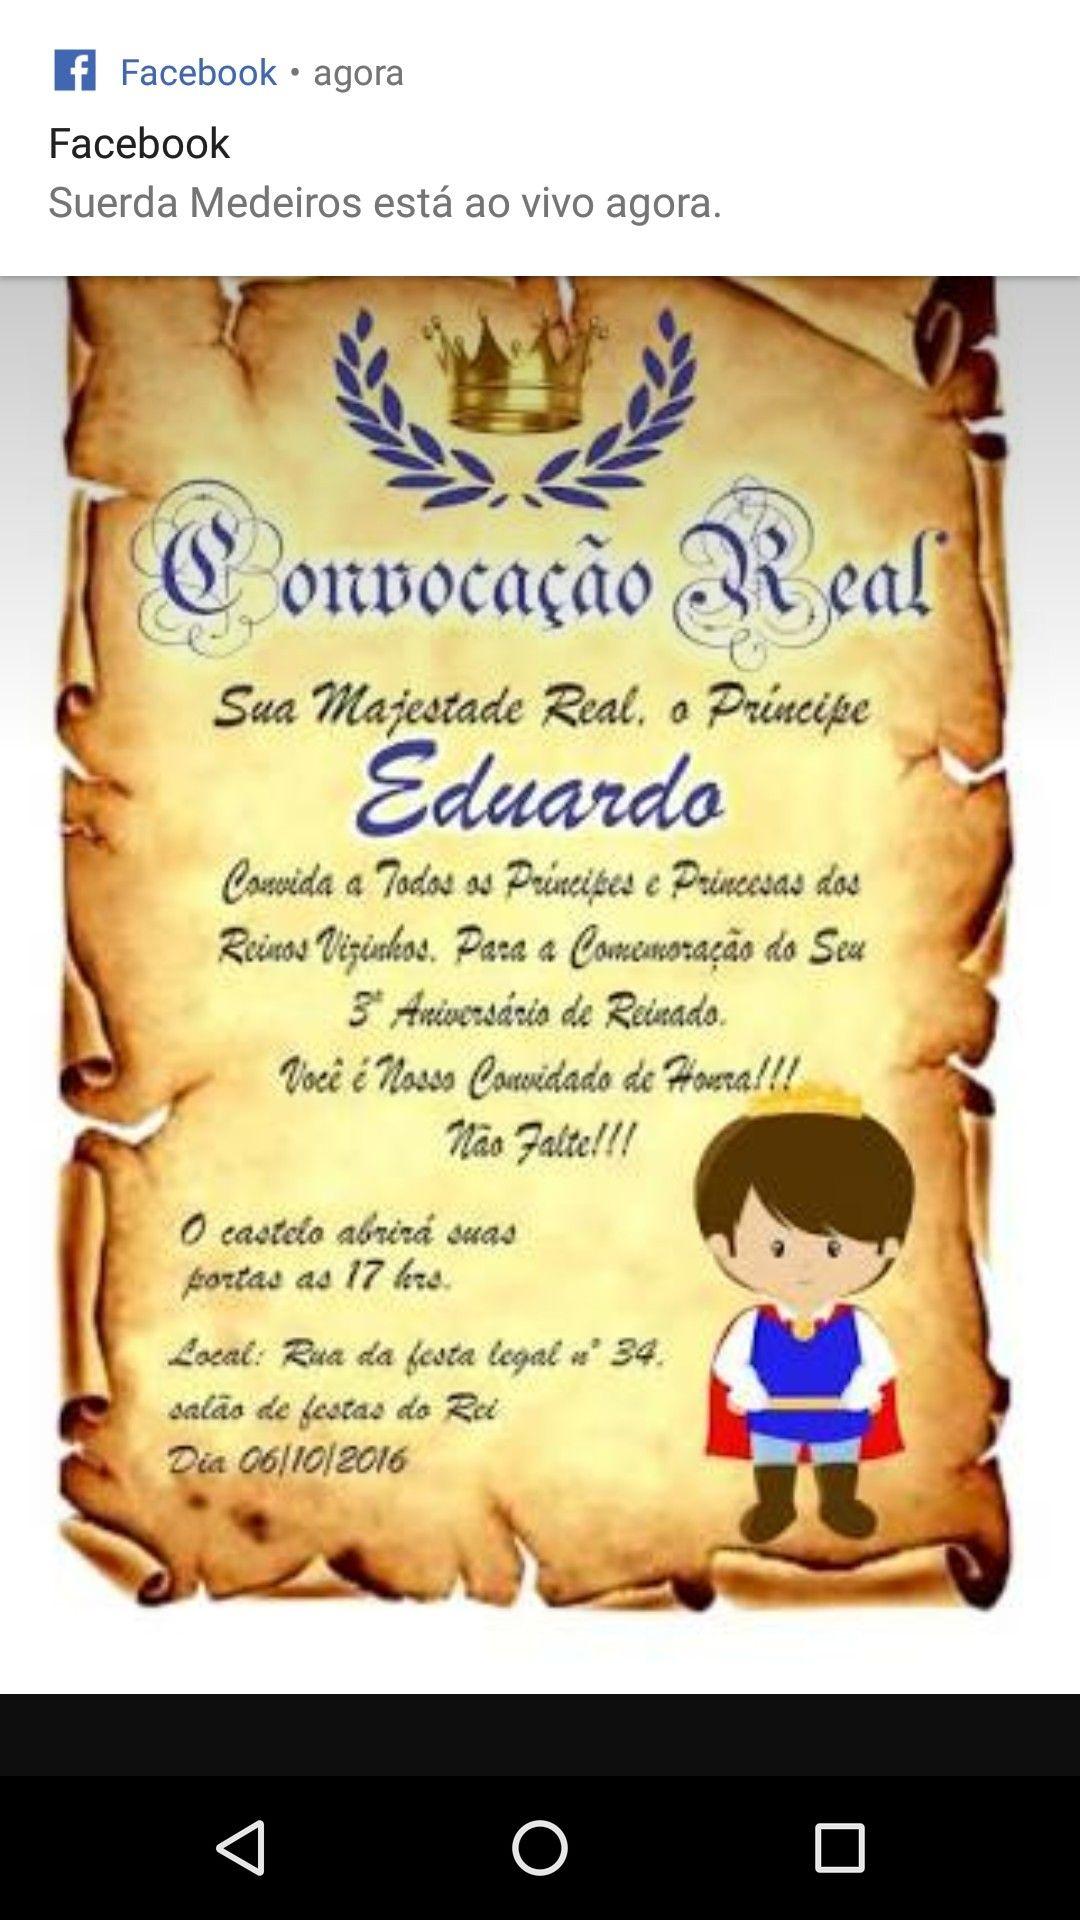 Príncipe | Convite pergaminho, Festa de aniversário do príncipe, Convite